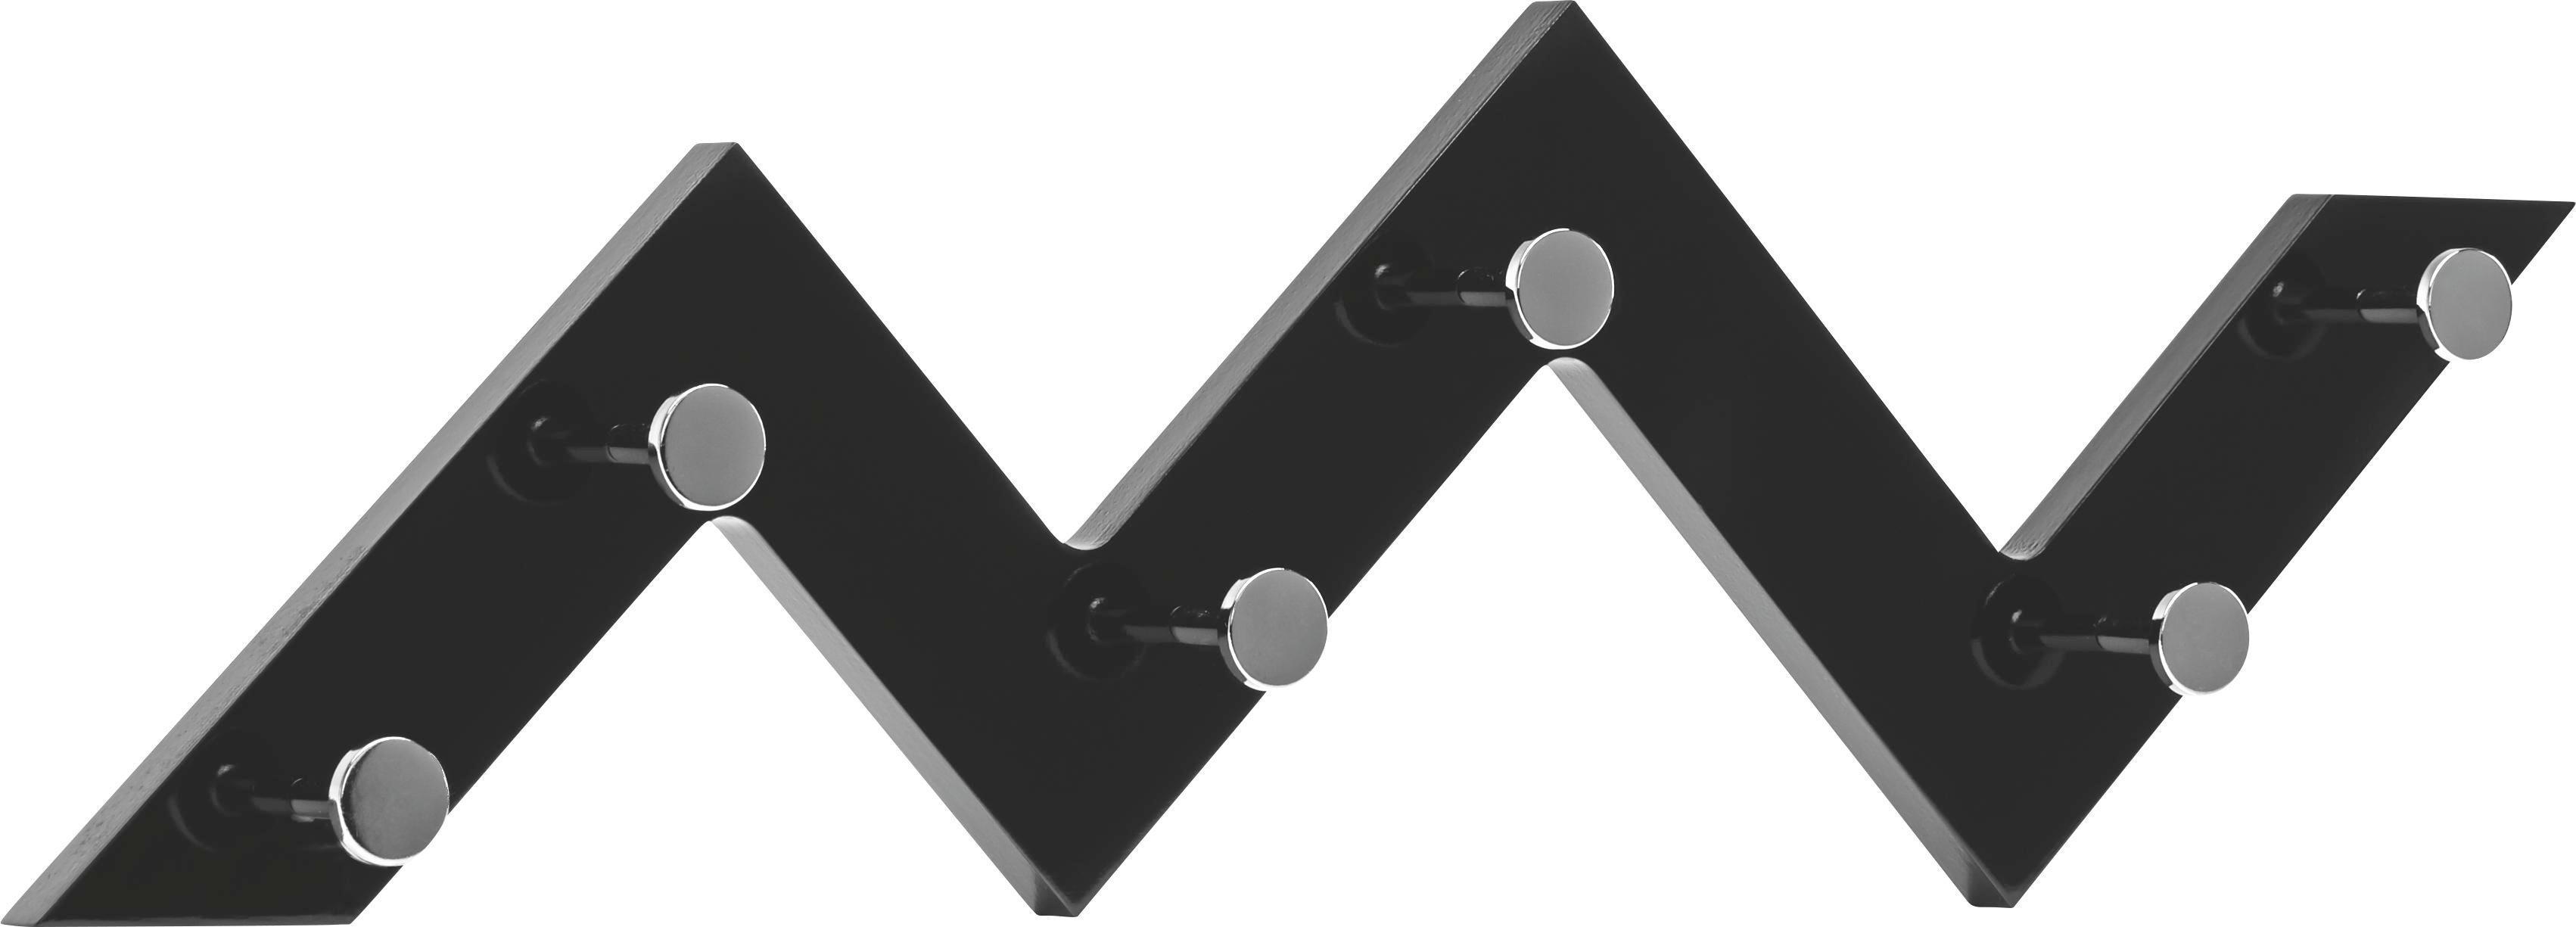 GARDEROBA ZIDNA - boje kroma/crna, Design, drvni materijal/metal (56/34/3cm) - LESNINA-XXXL